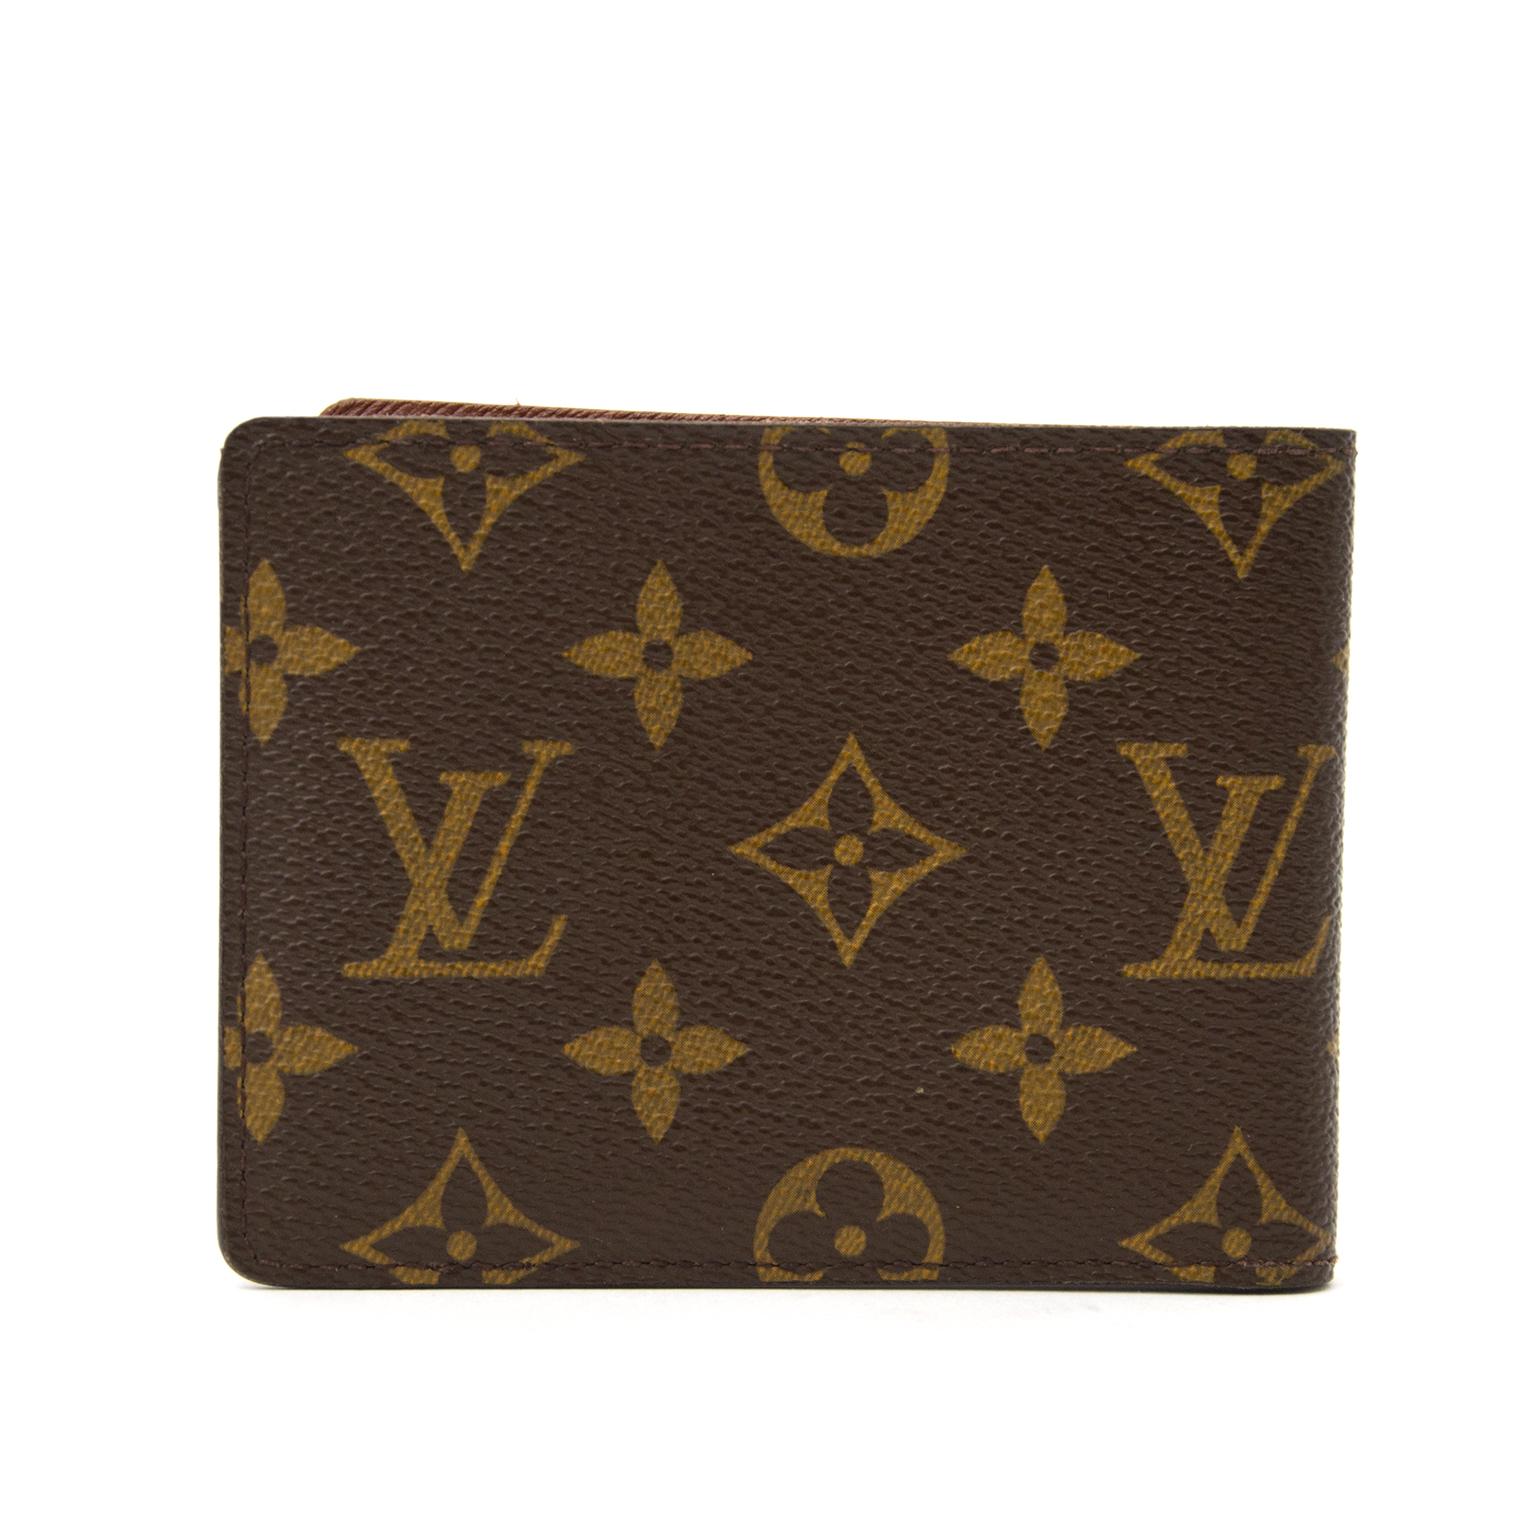 Louis vuitton monogram multiple wallet en ligne chez labellov.com pour le meilleur prix